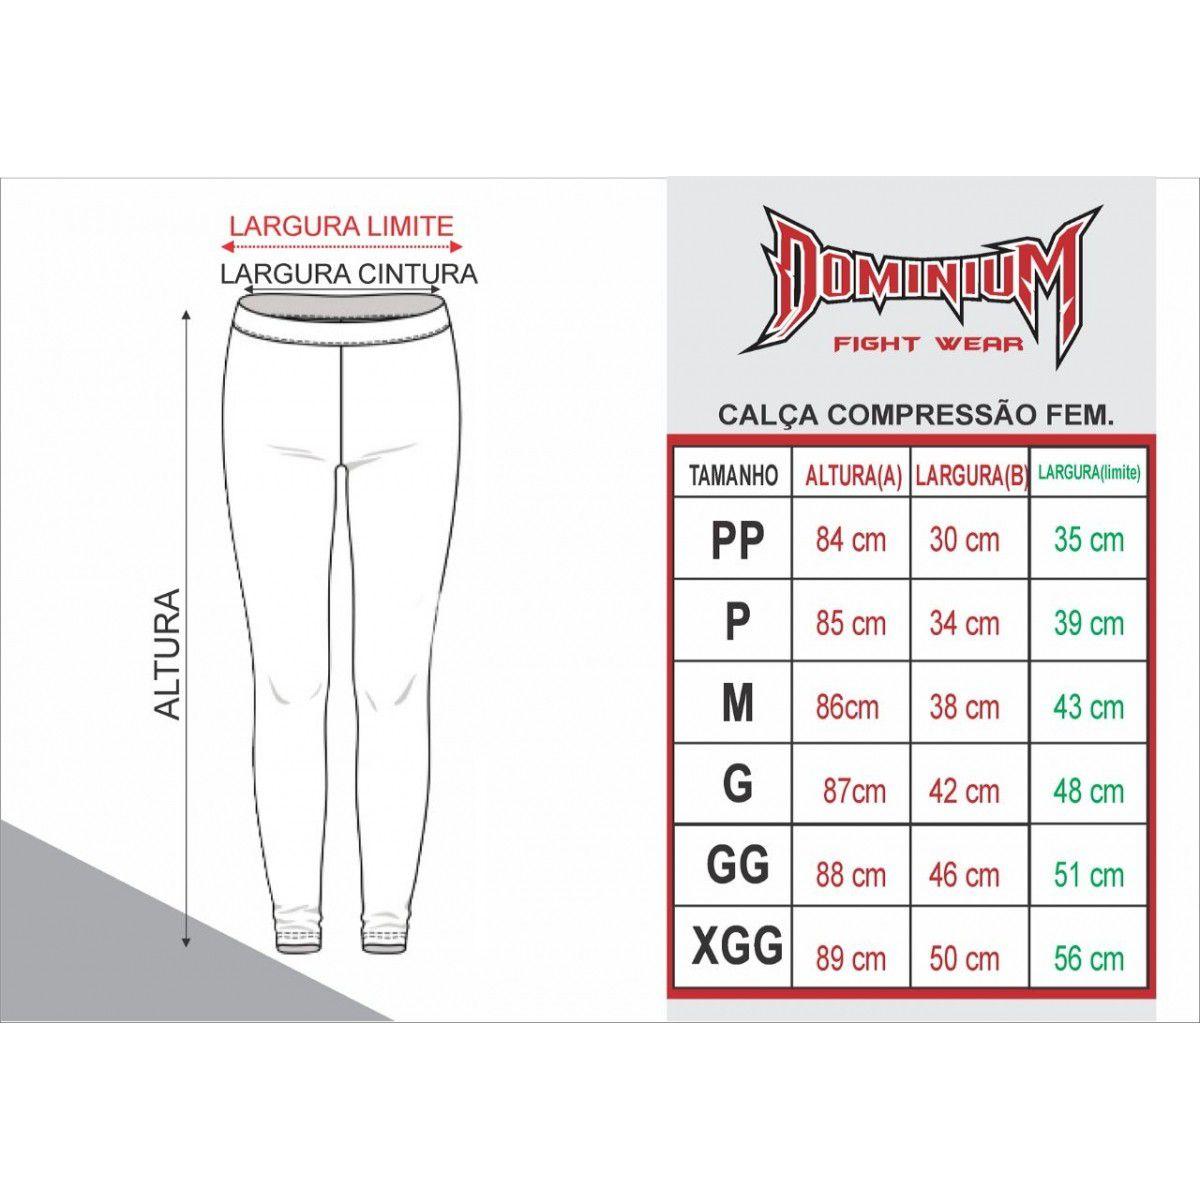 Calça de Compressão Térmica Feminina - Muay Thai - 2463P - Preto/Branco- Dominium .  - Loja do Competidor